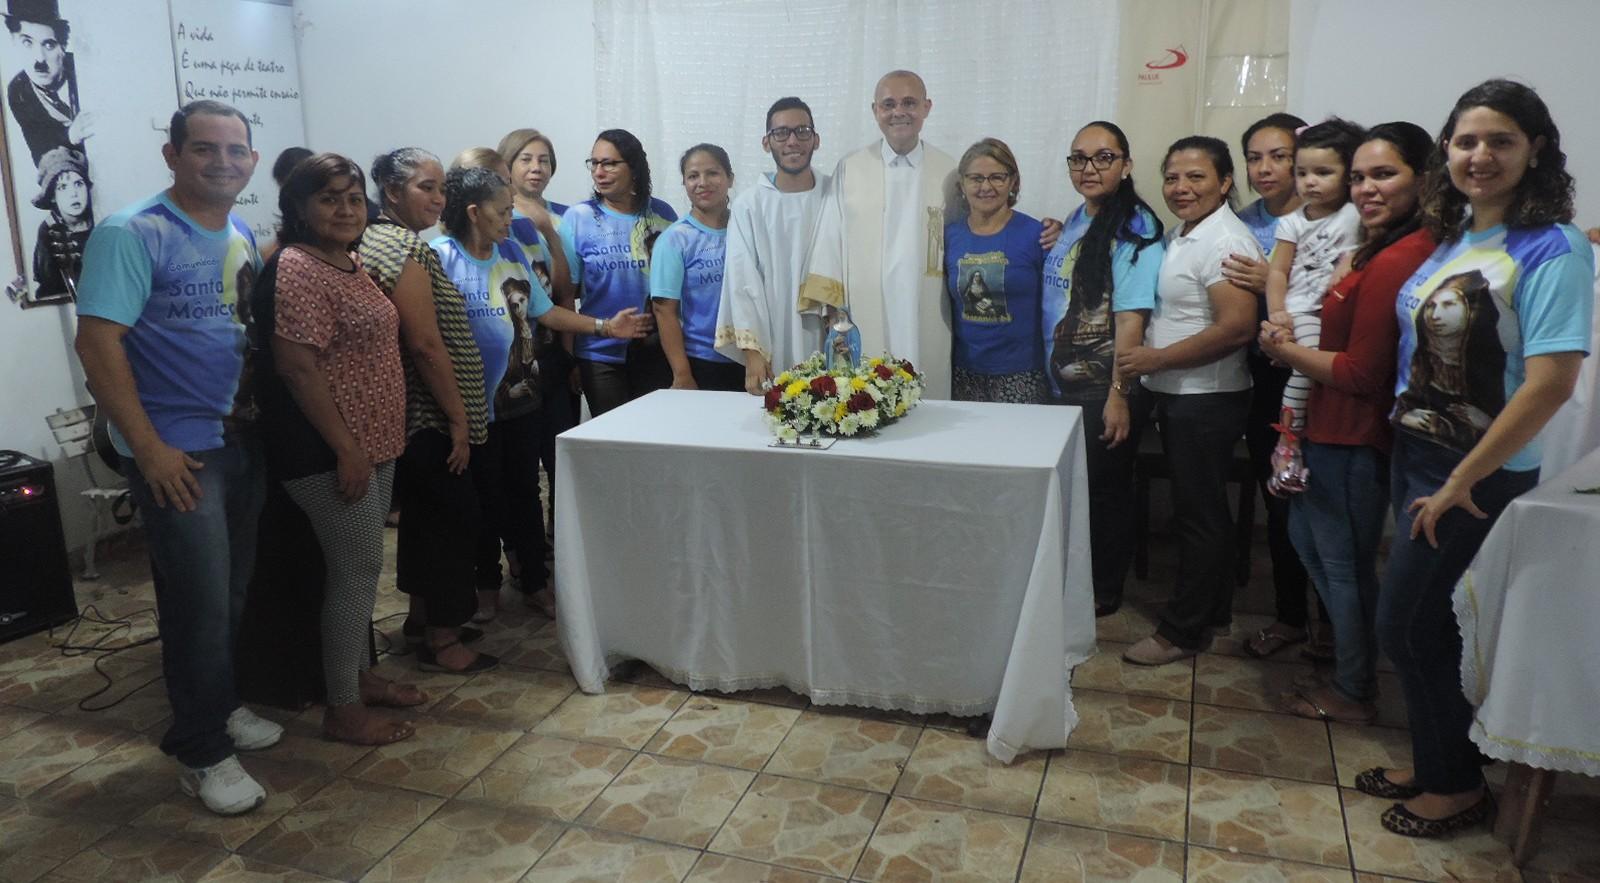 Celebração em Honra a Santa Mônica